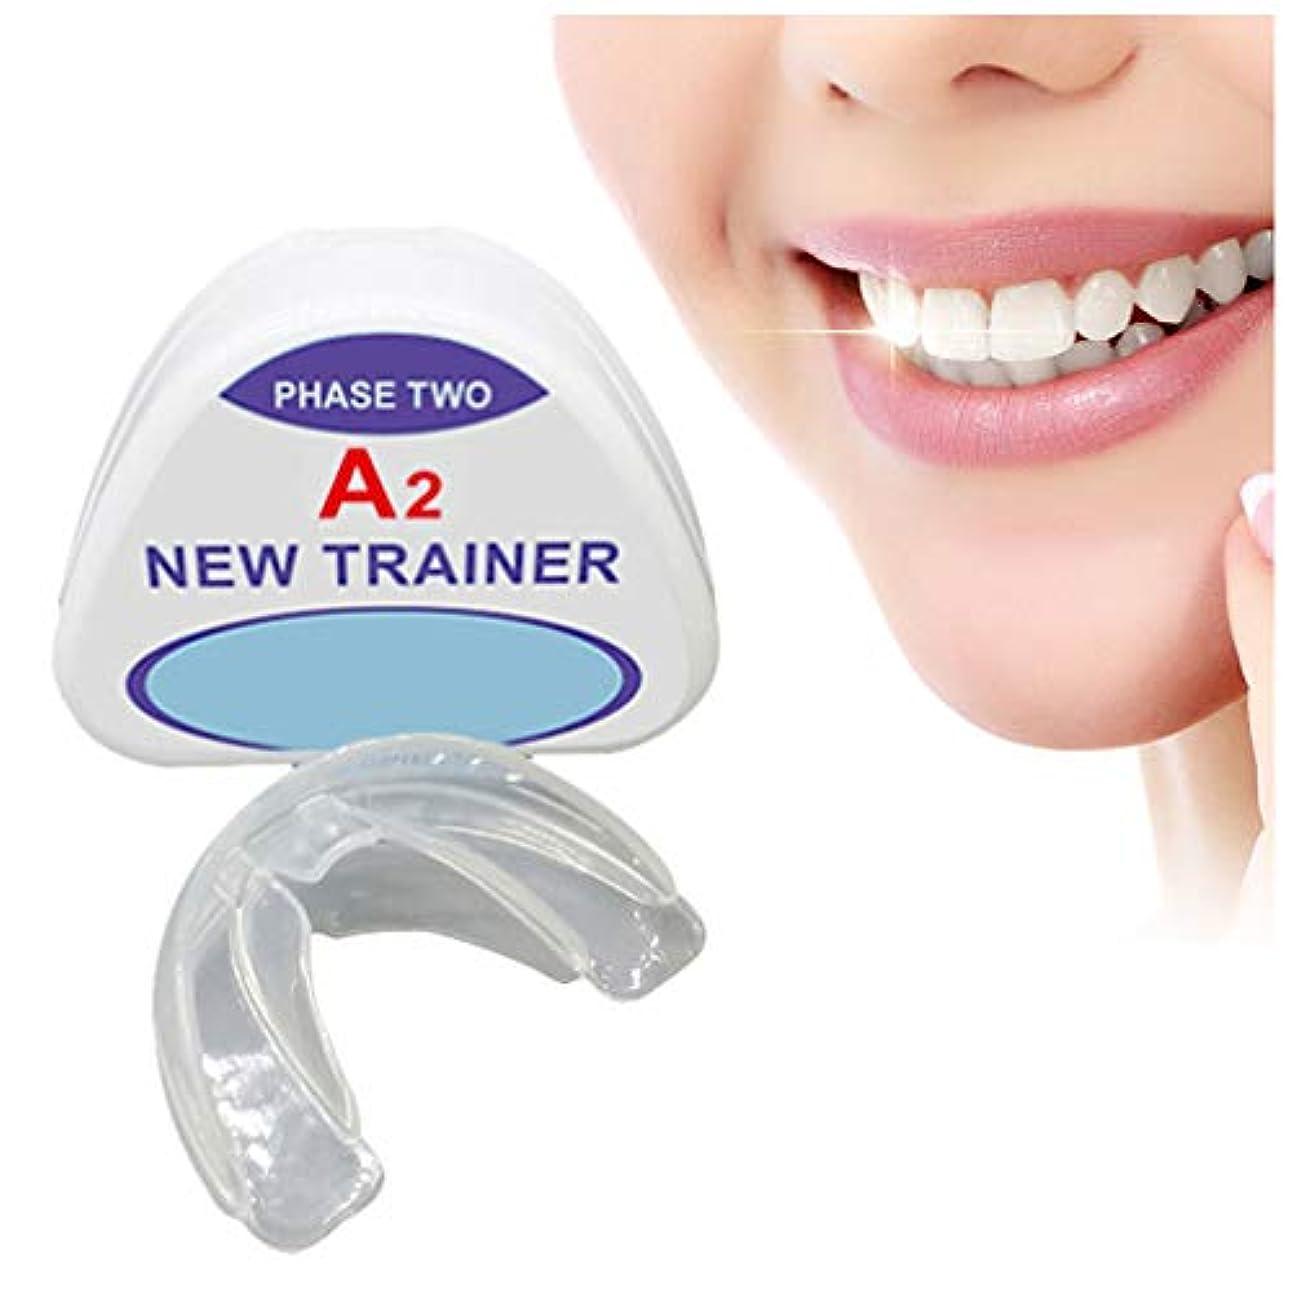 アカデミー一定オフ歯列矯正トレーナーリテーナー、歯科口内ガード矯正器具、夜間大括弧防止(2段階)